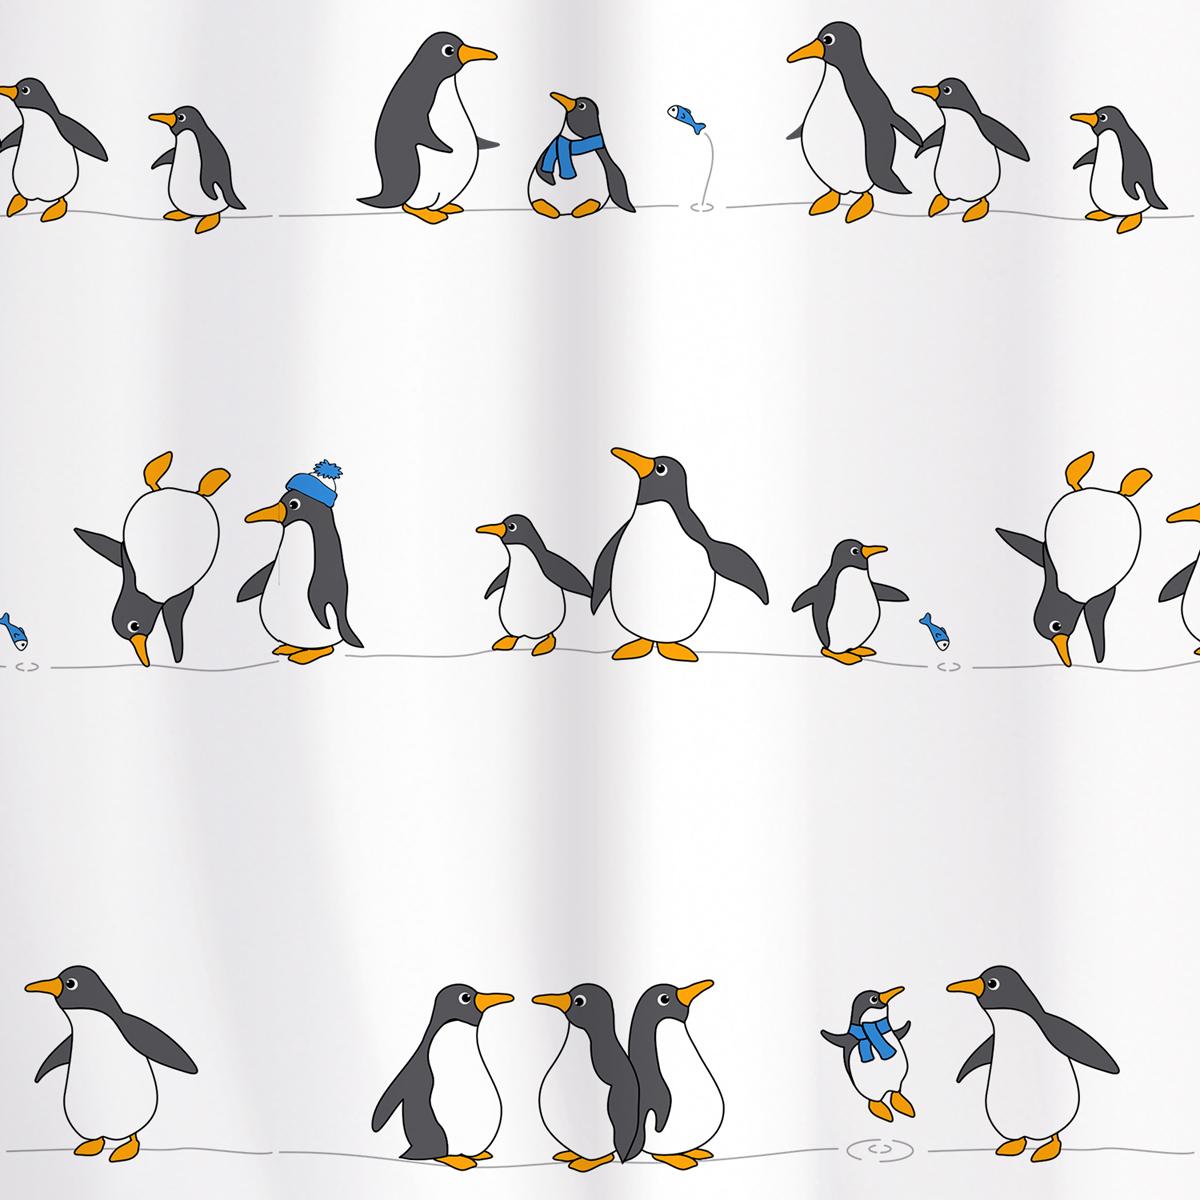 Штора для ванной комнаты Tatkraft Penguins, 180 х 180 смPANTERA SPX-2RSШтора для ванной комнаты Tatkraft Penguins выполнена из полиэстера с водоотталкивающим и антигрибковым покрытием. Изделие быстро высыхает и легко стирается. Штора украшена изображением пингвинов. В комплекте прилагаются 12 фигурных пластиковых колец. Штора оснащена магнитами-утяжелителями для наибольшего комфорта. Можно стирать в стиральной машине при температуре 40°С.